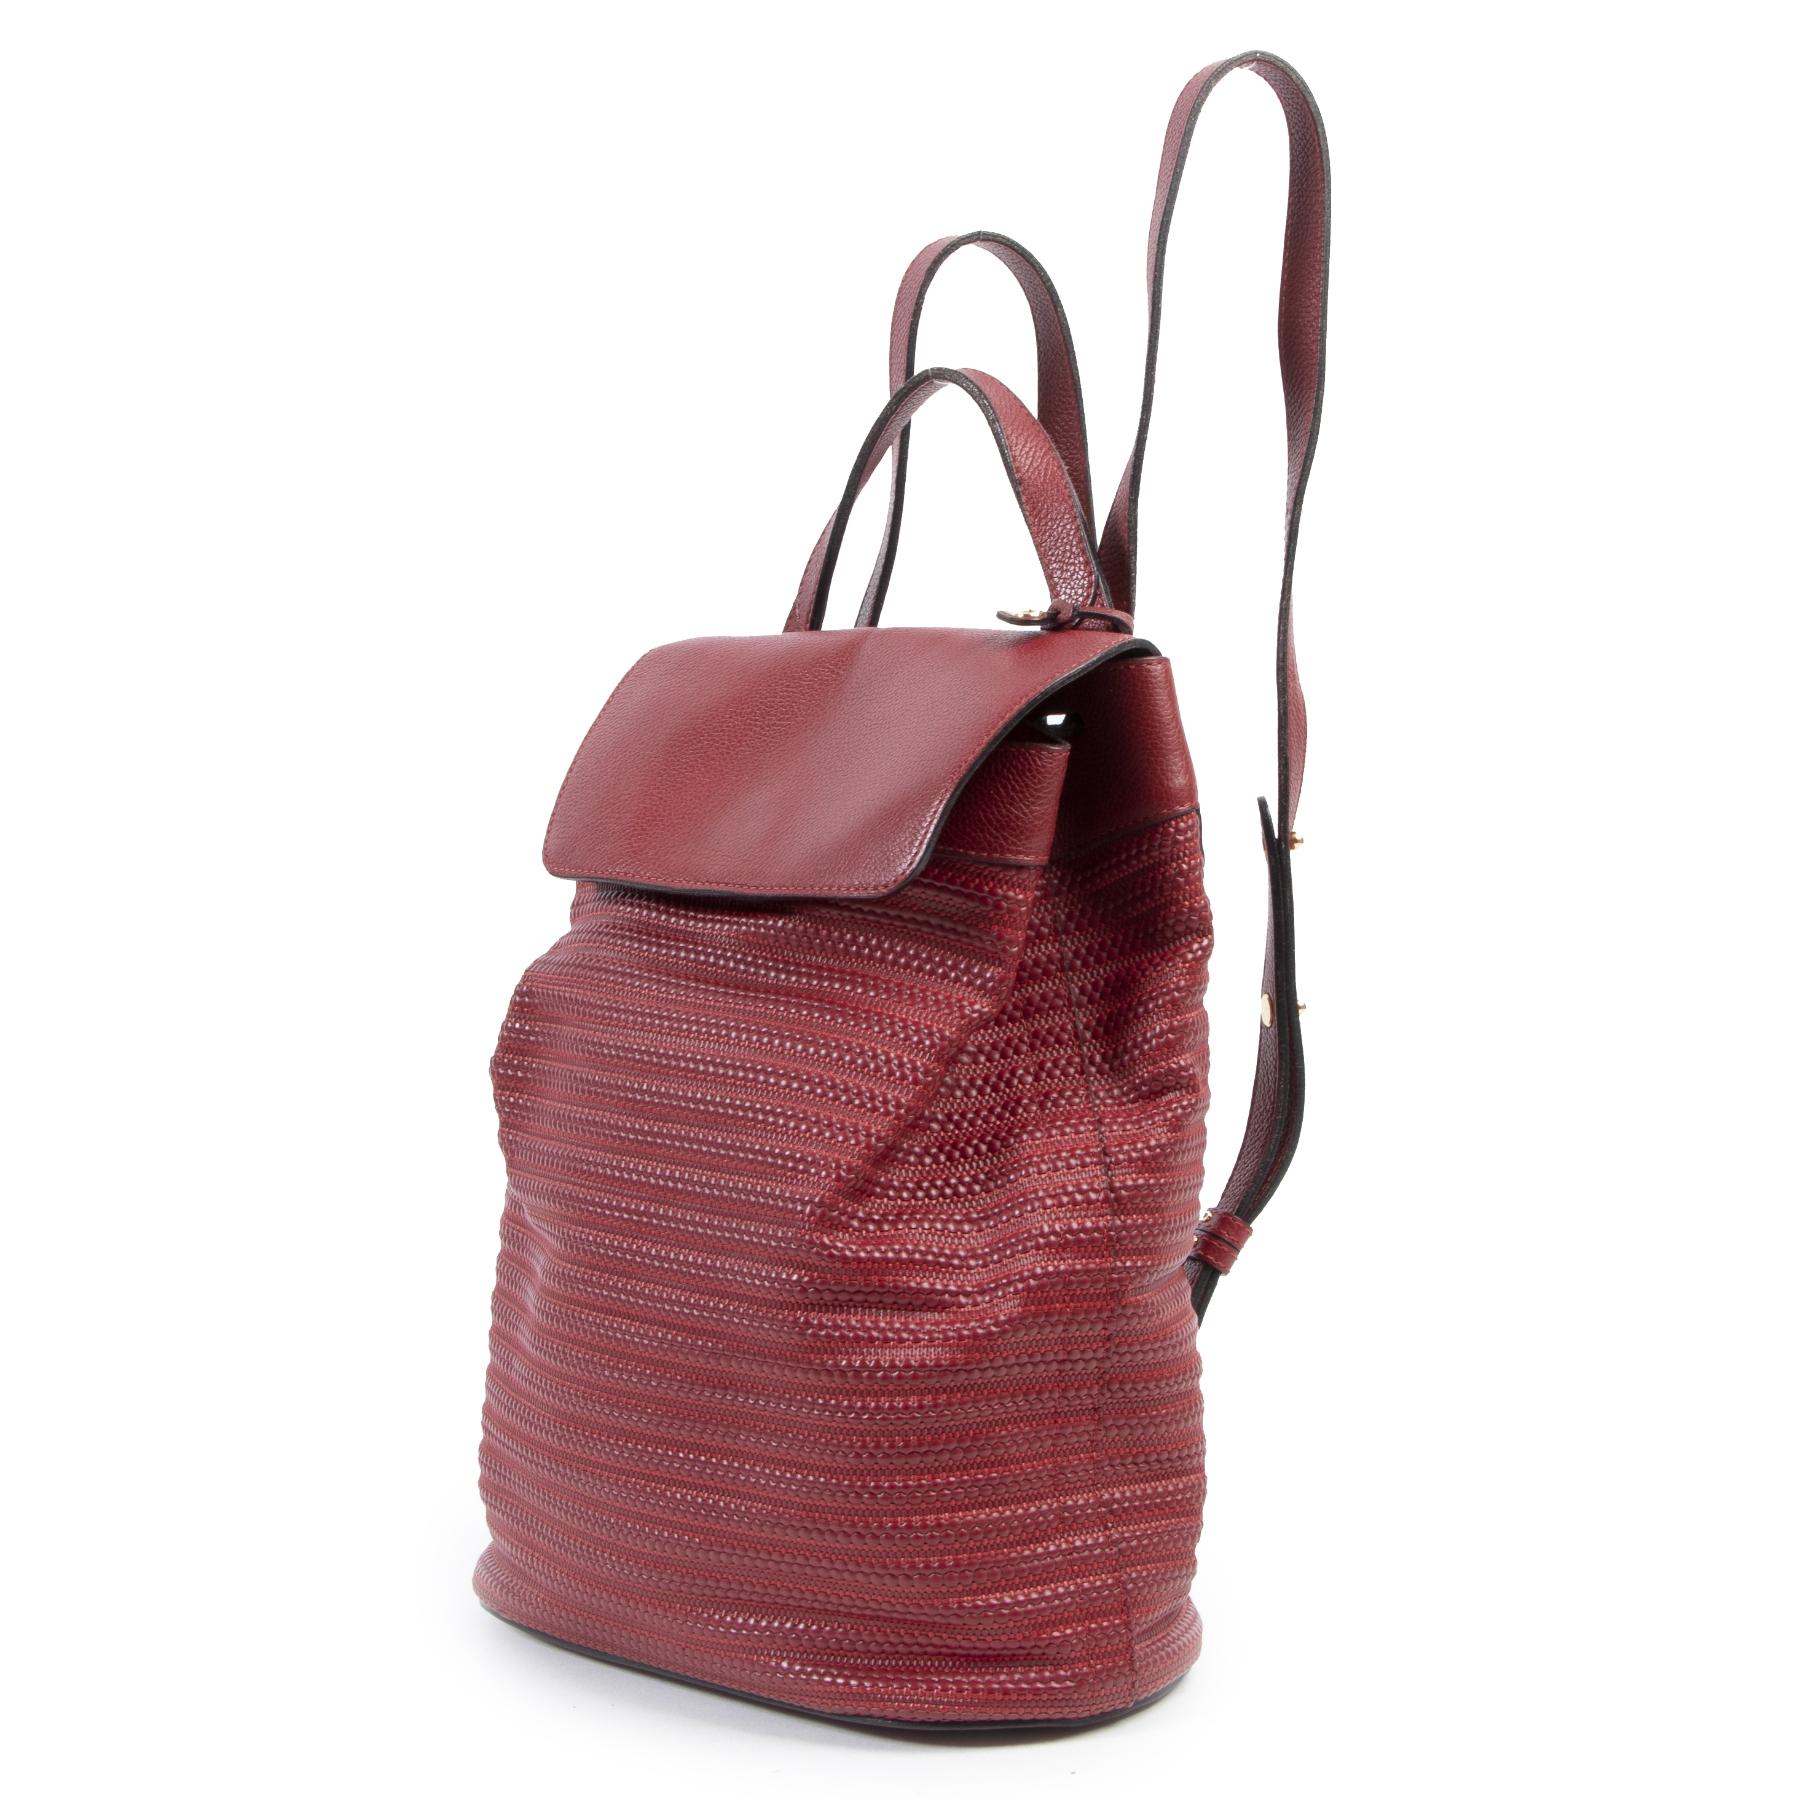 Koop authentieke tweedehands Delvaux tassen met juiste prijs bij LabelLOV.